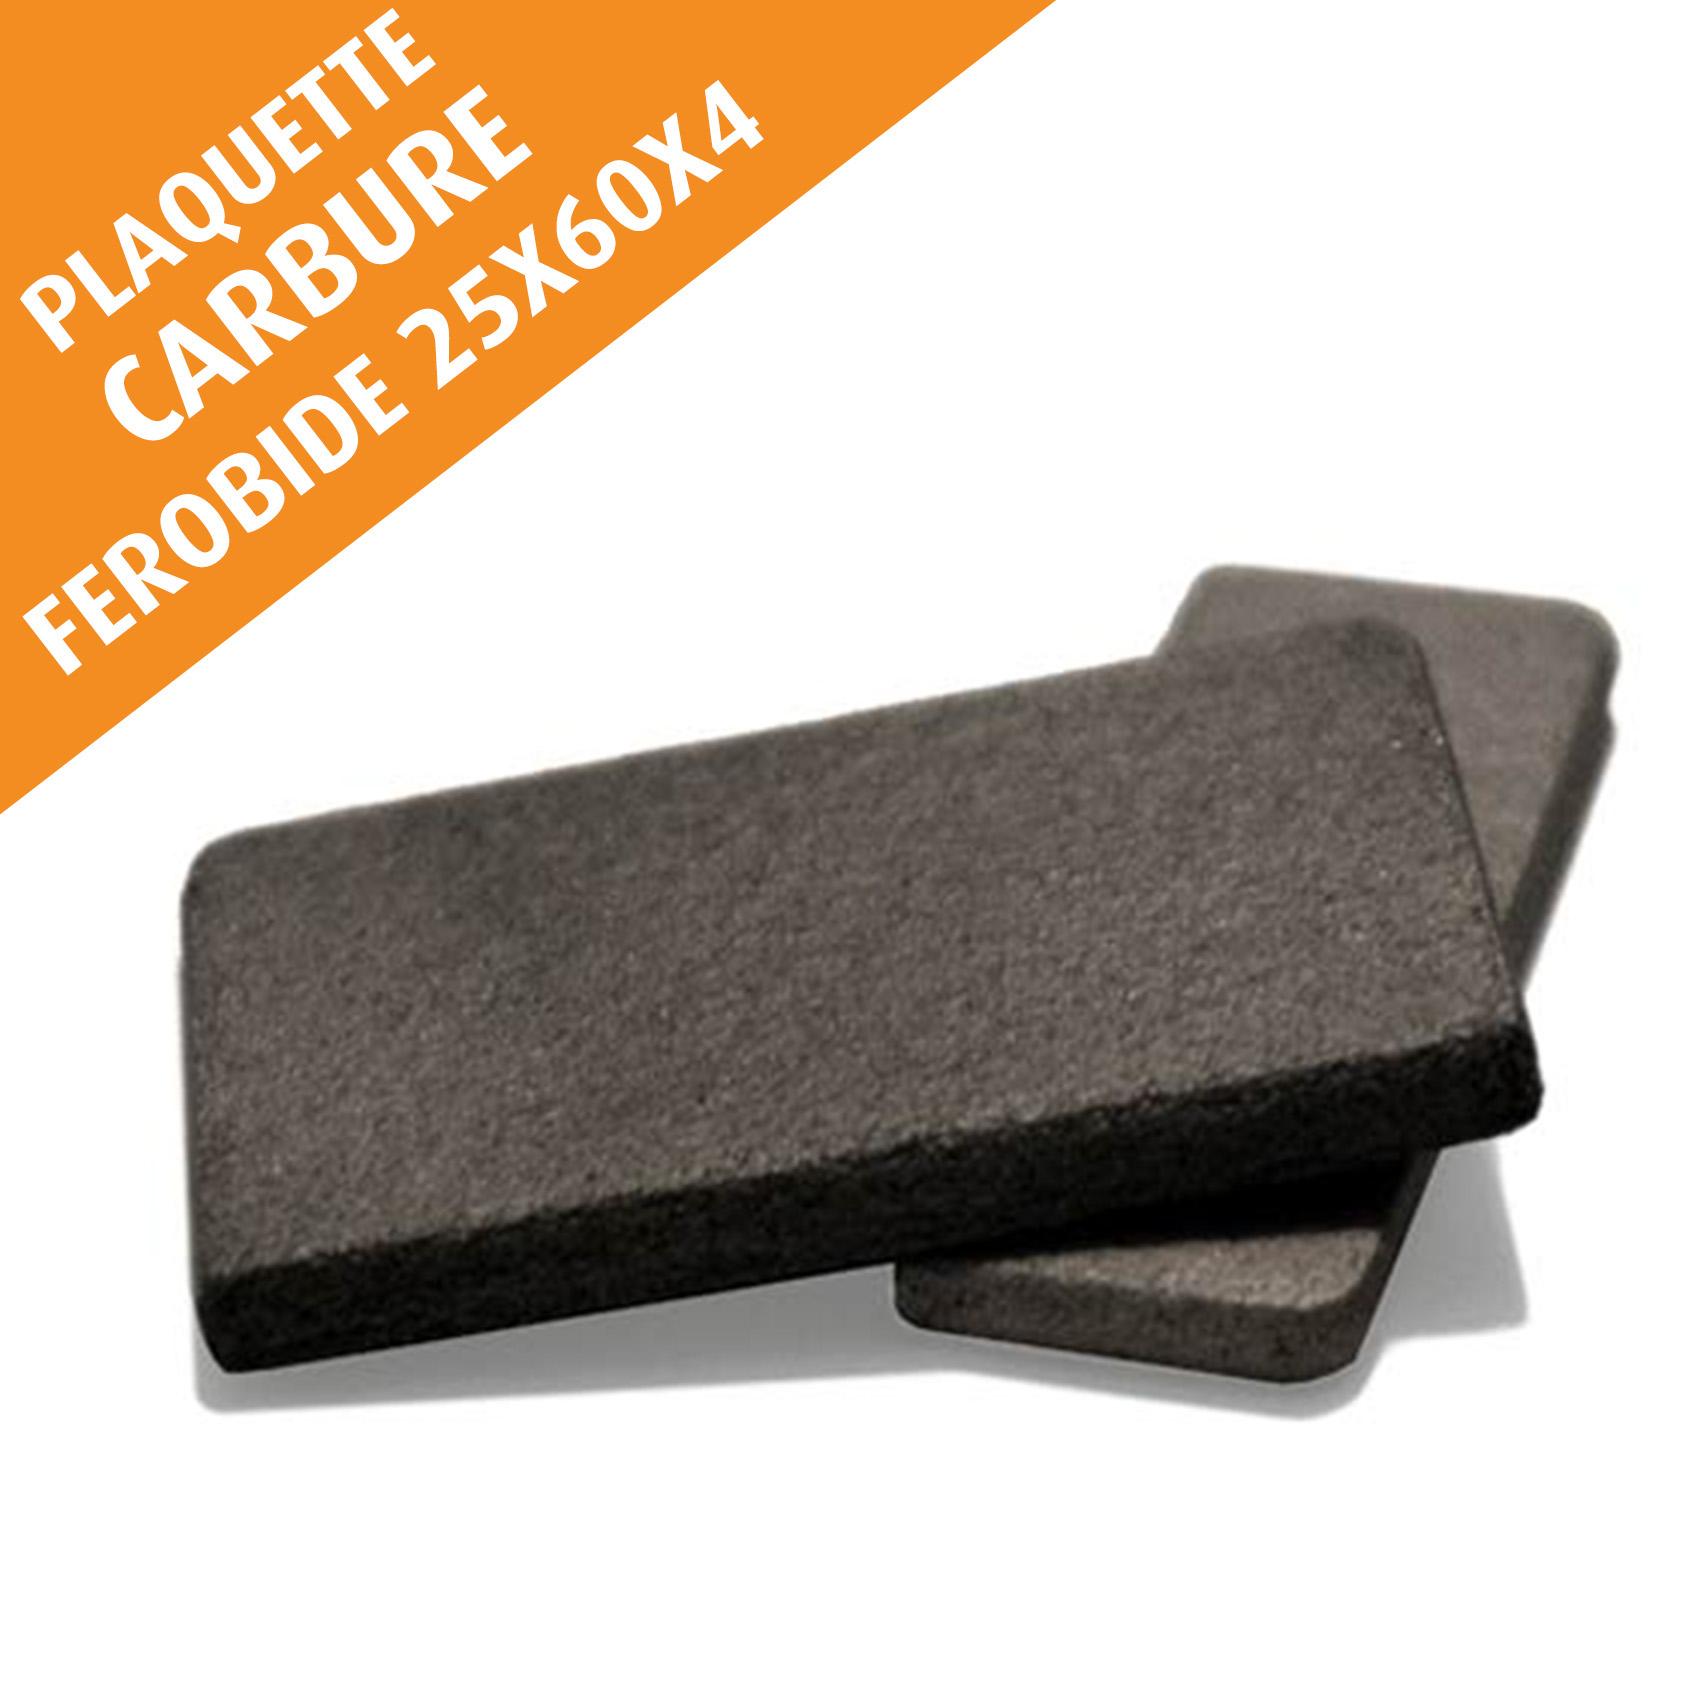 Lot de 10 plaquettes carbure FEROBIDE à souder, 25x60x4 mm